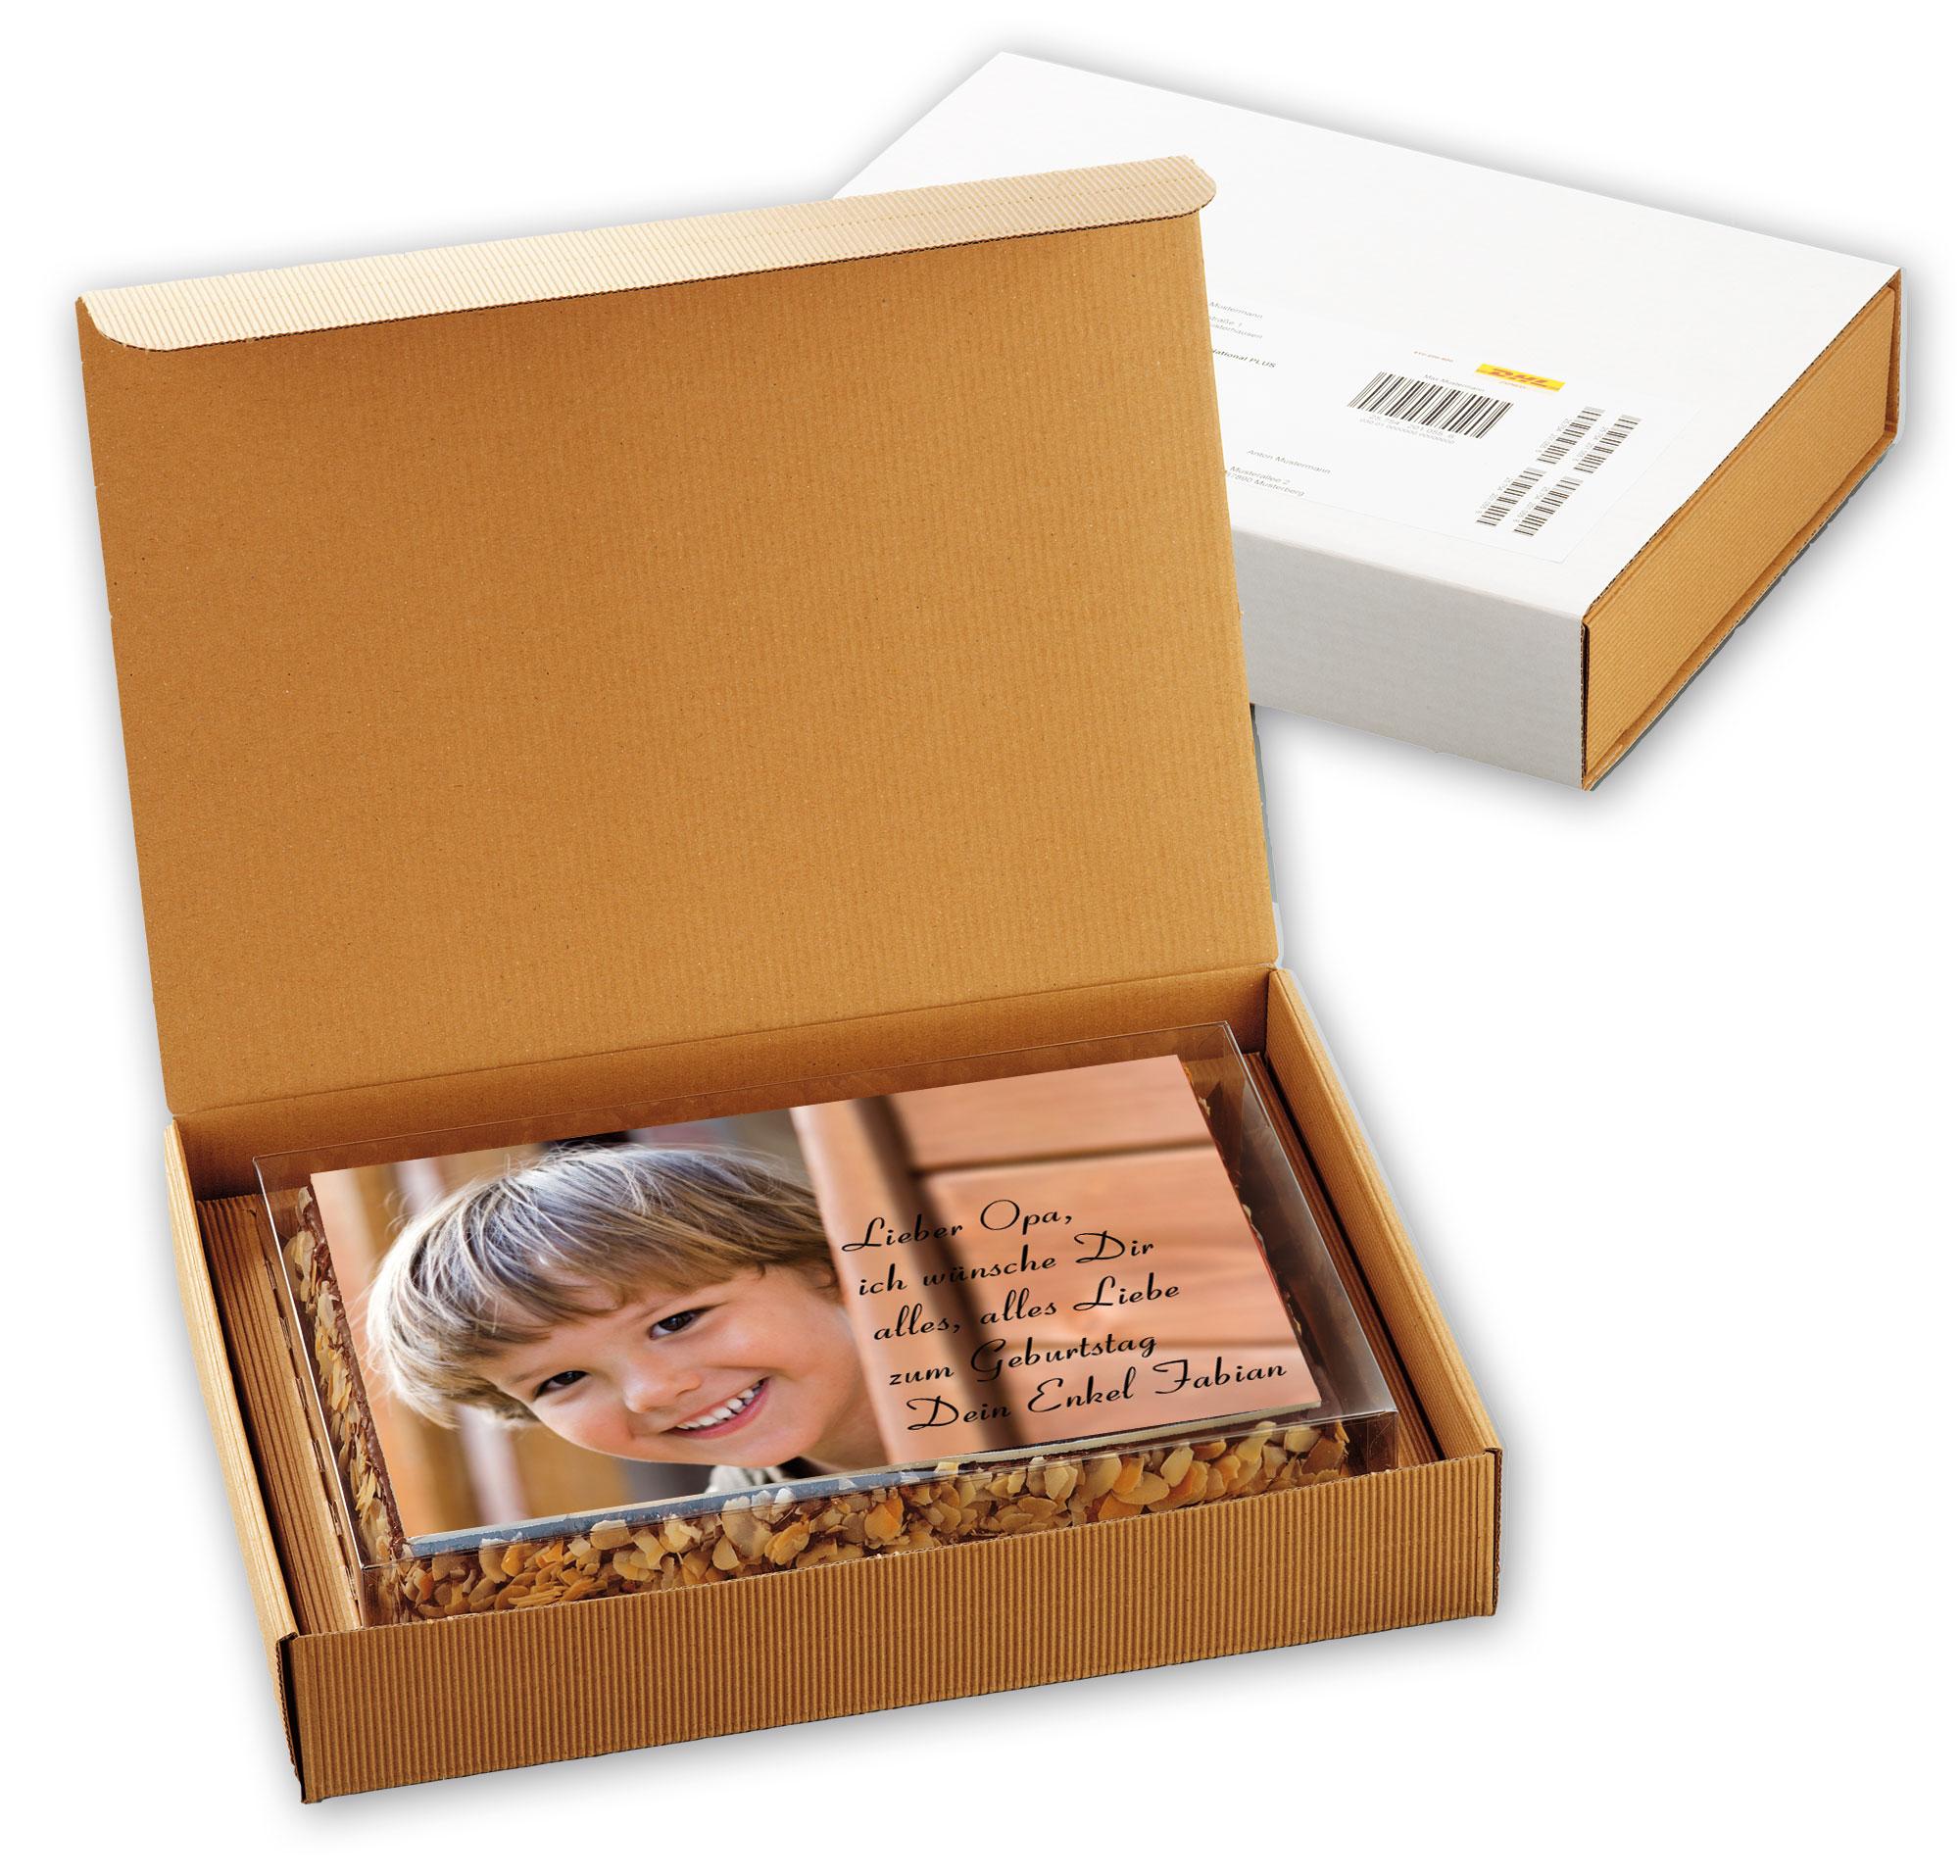 Fototorte in Klarsicht- und Geschenkkartonage – 26 x 18 cm